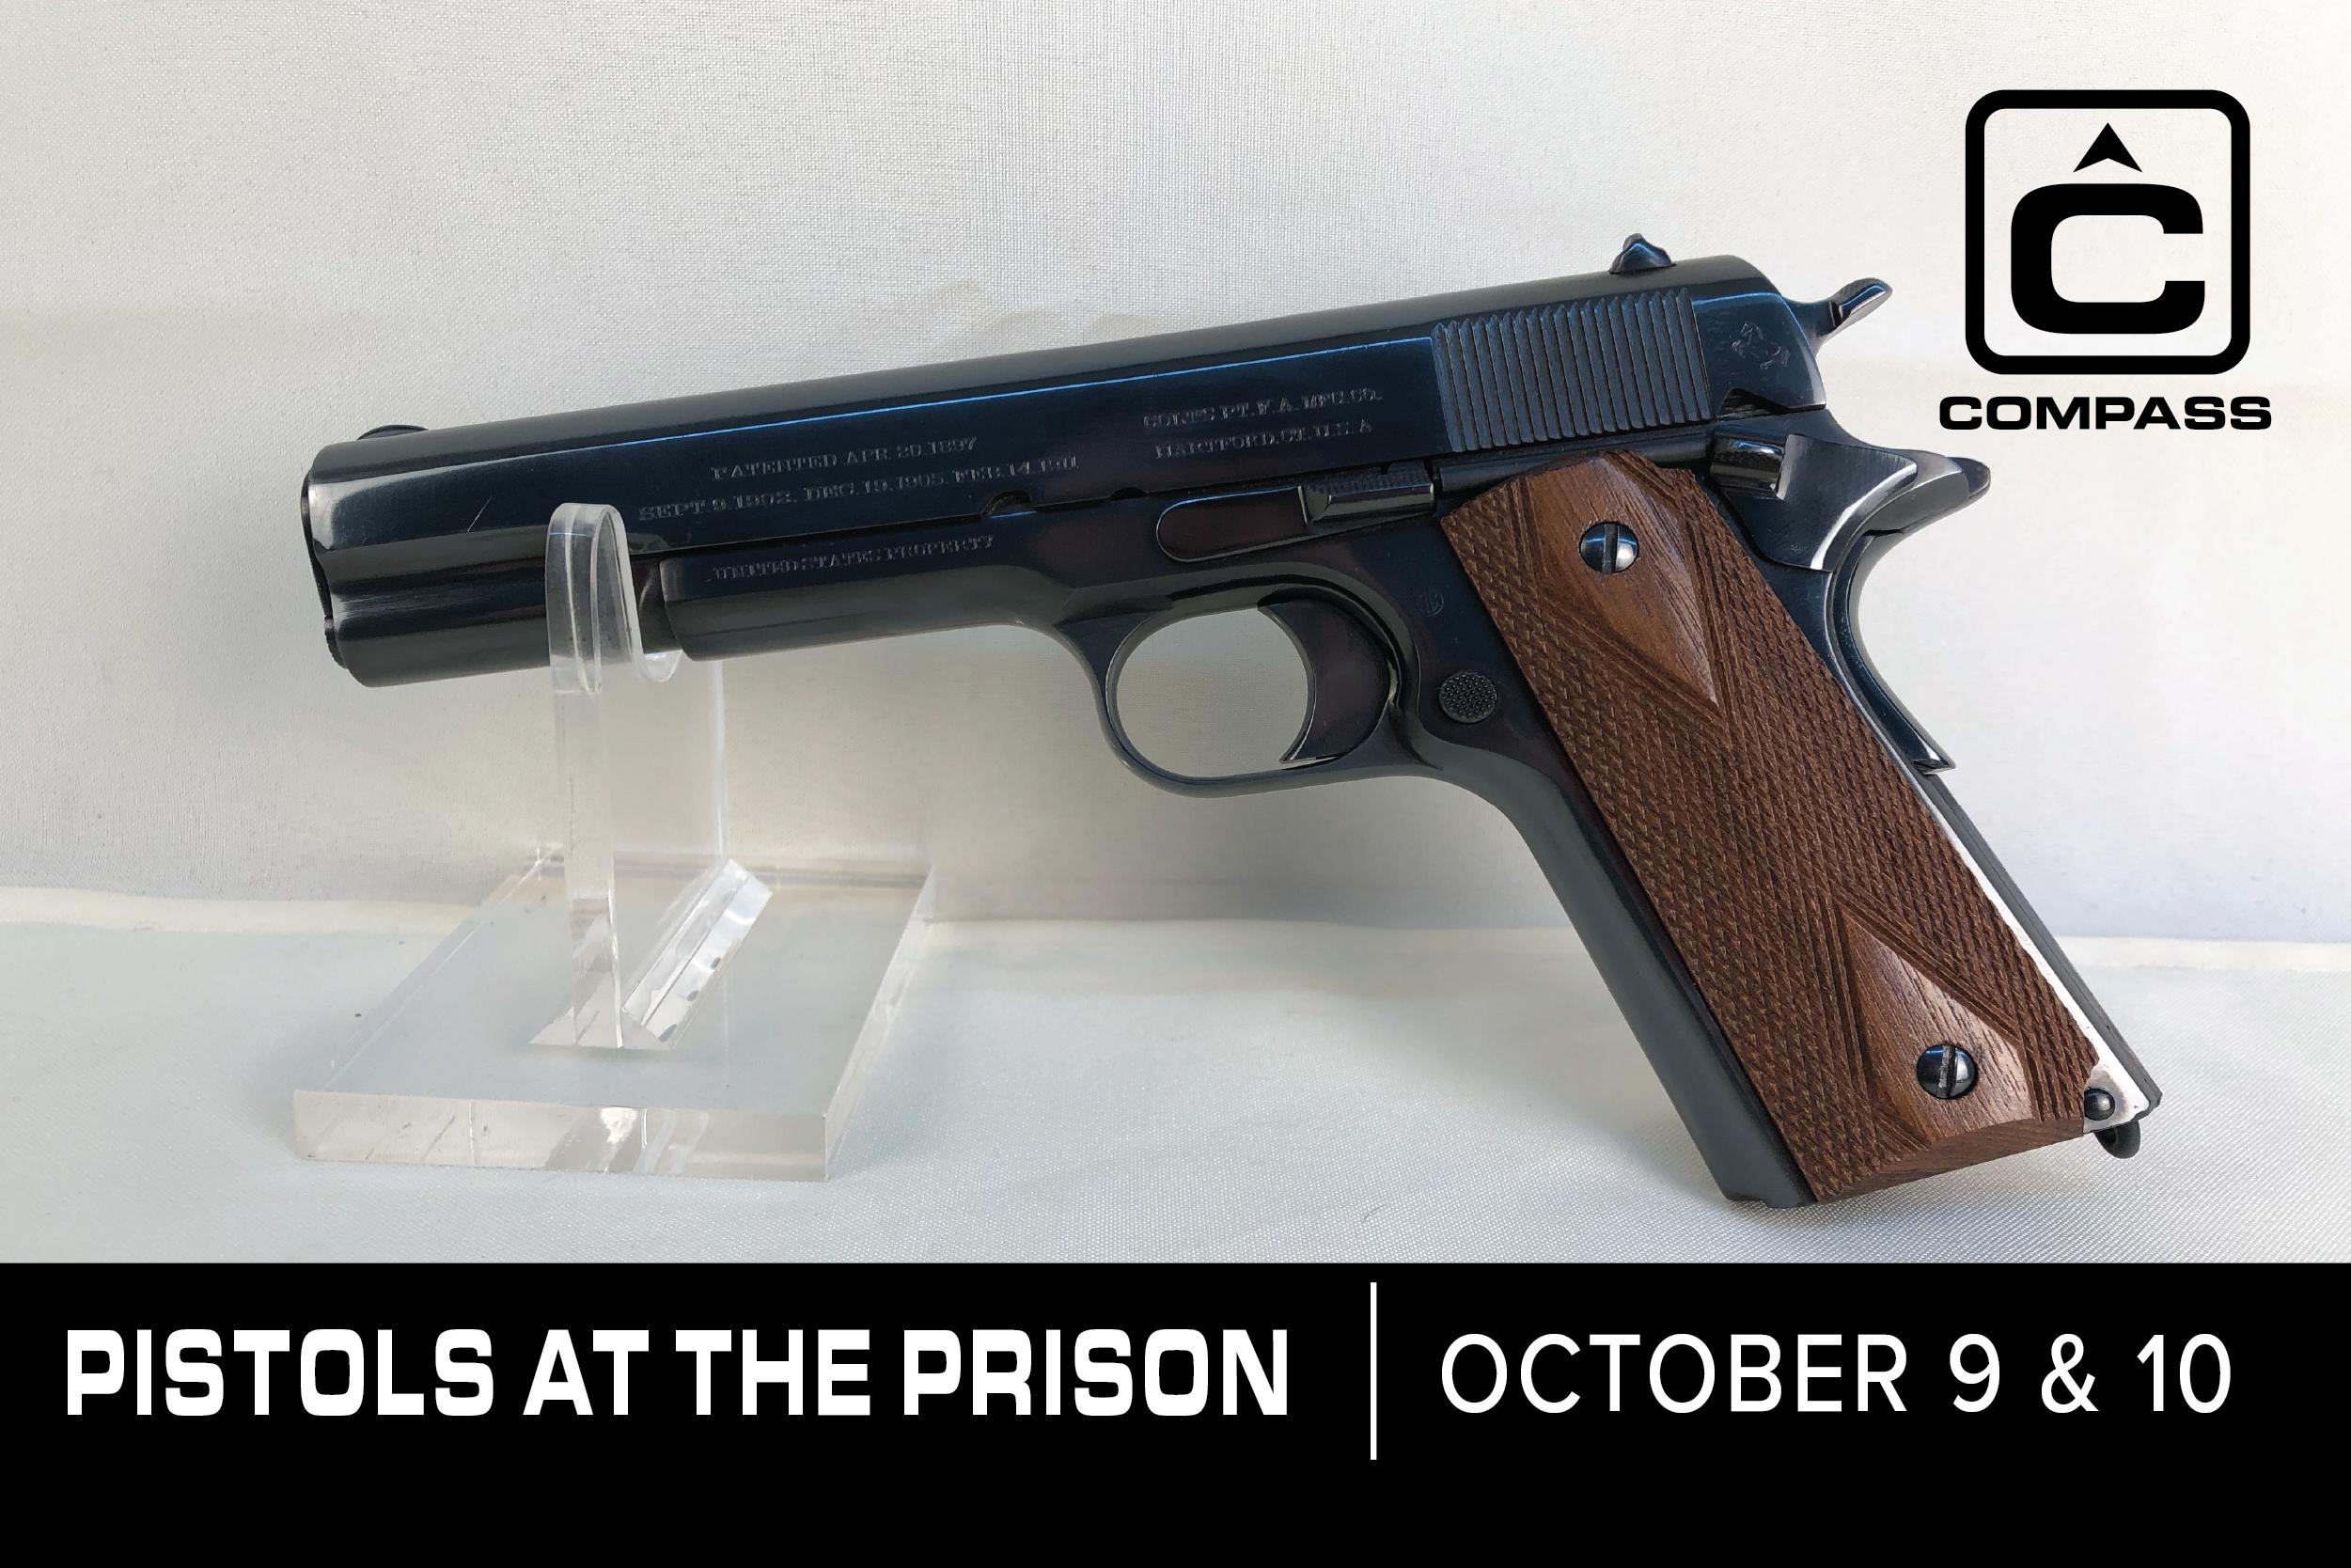 Colt 1911 at Auction